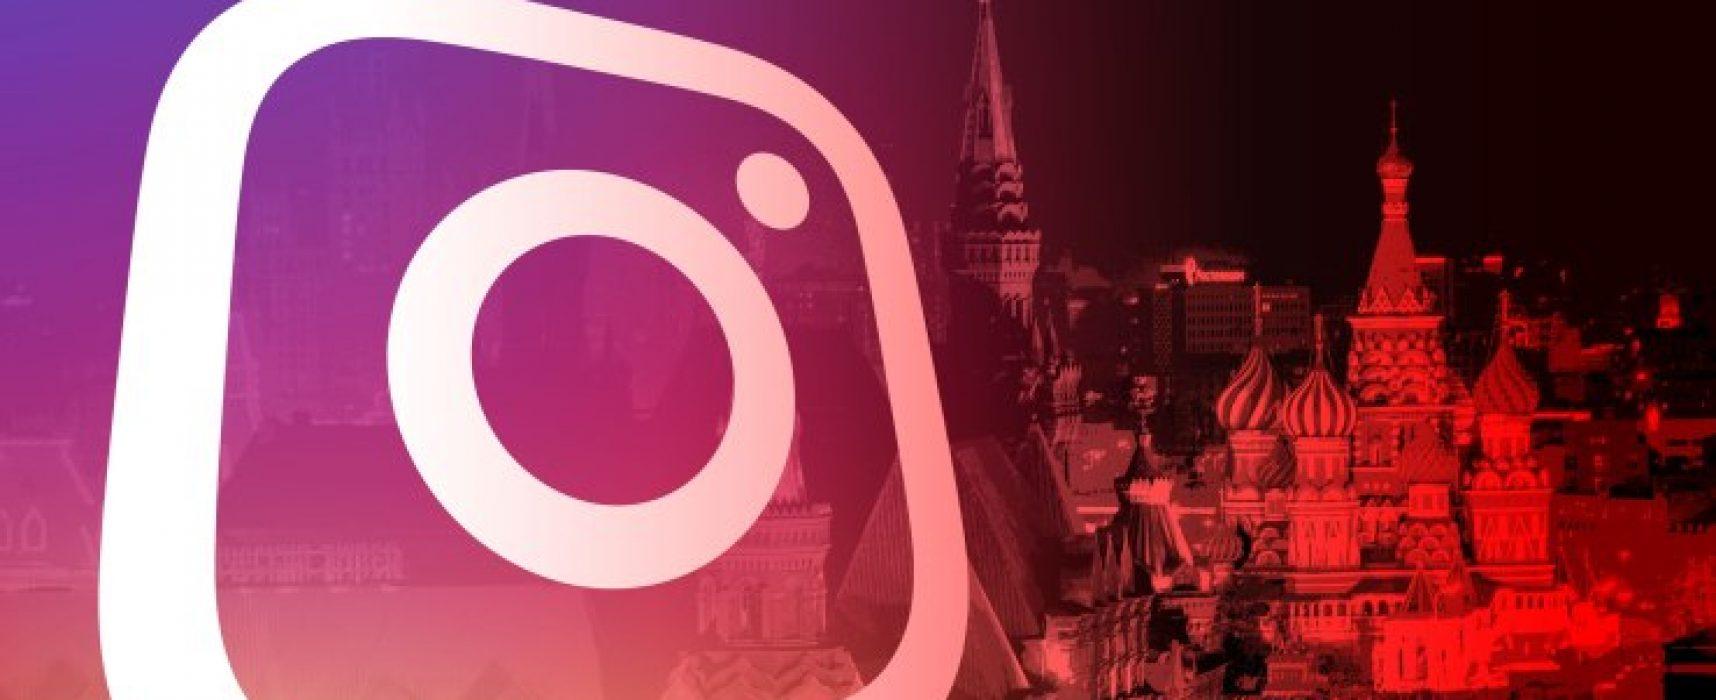 The New York Times: Российские тролли в Инстаграме. Картинки раскалывают общество не хуже слов